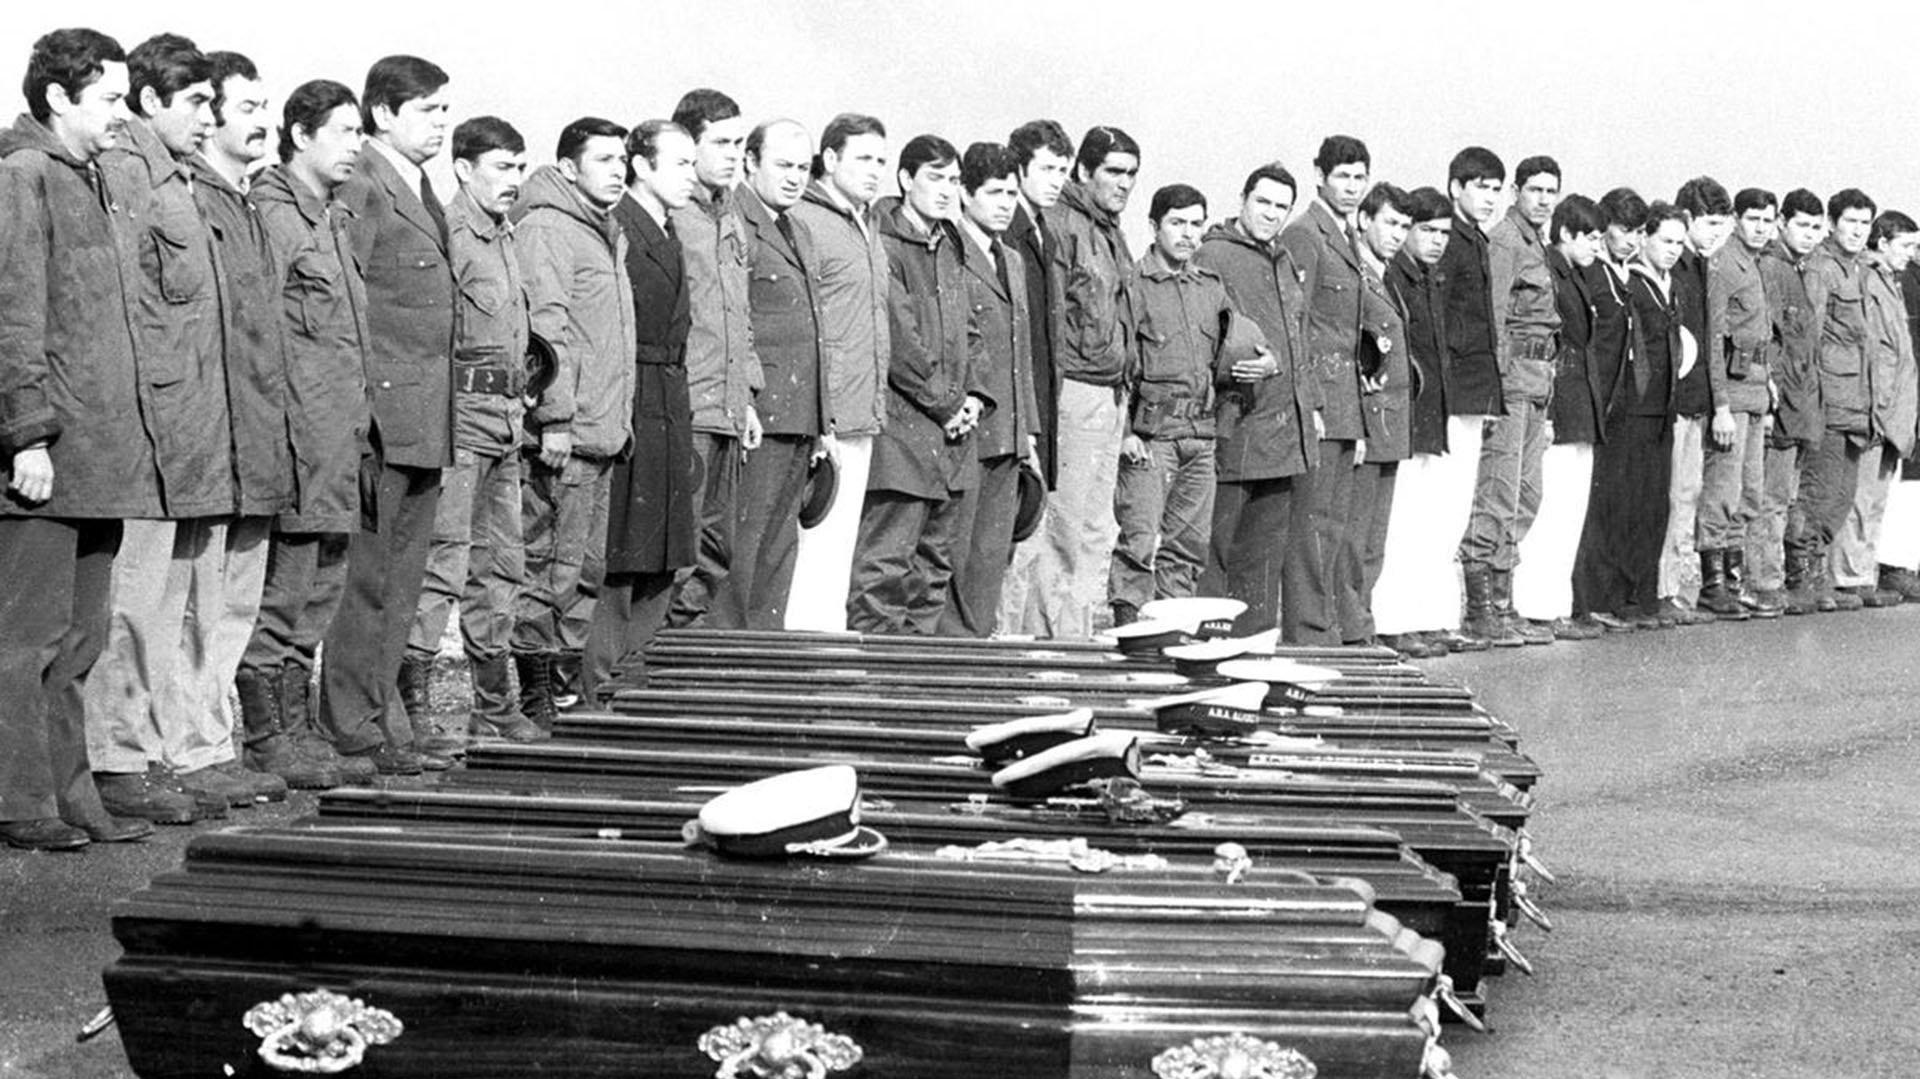 Sobrevivientes del barco de patrulla de la Armada Argentina, Alférez Sobral, de pie en posición de firmes durante una ceremonia en honor a sus compañeros que murieron cuando su barco fue atacado por el británico HMS Coventry, el 4 de mayo, 1982 (AFP)